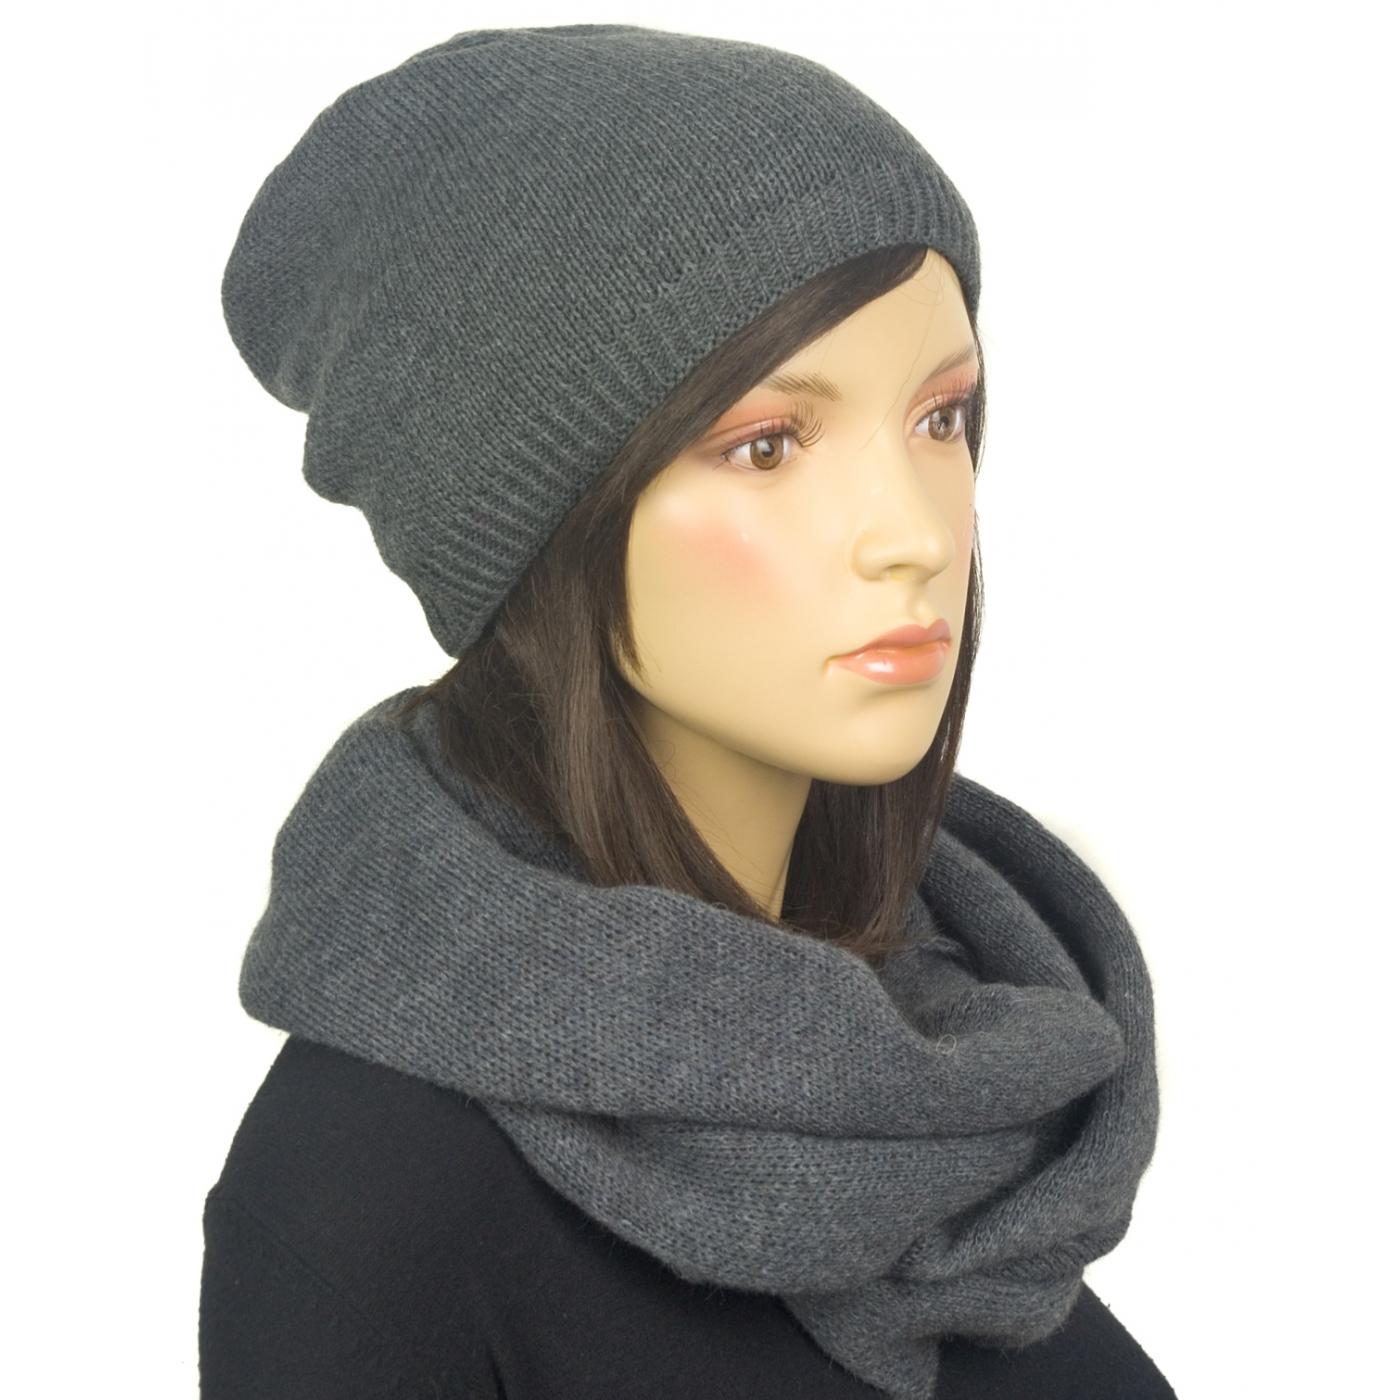 Komplet zimowy damski czapka i szalik komin - szary grafitowy